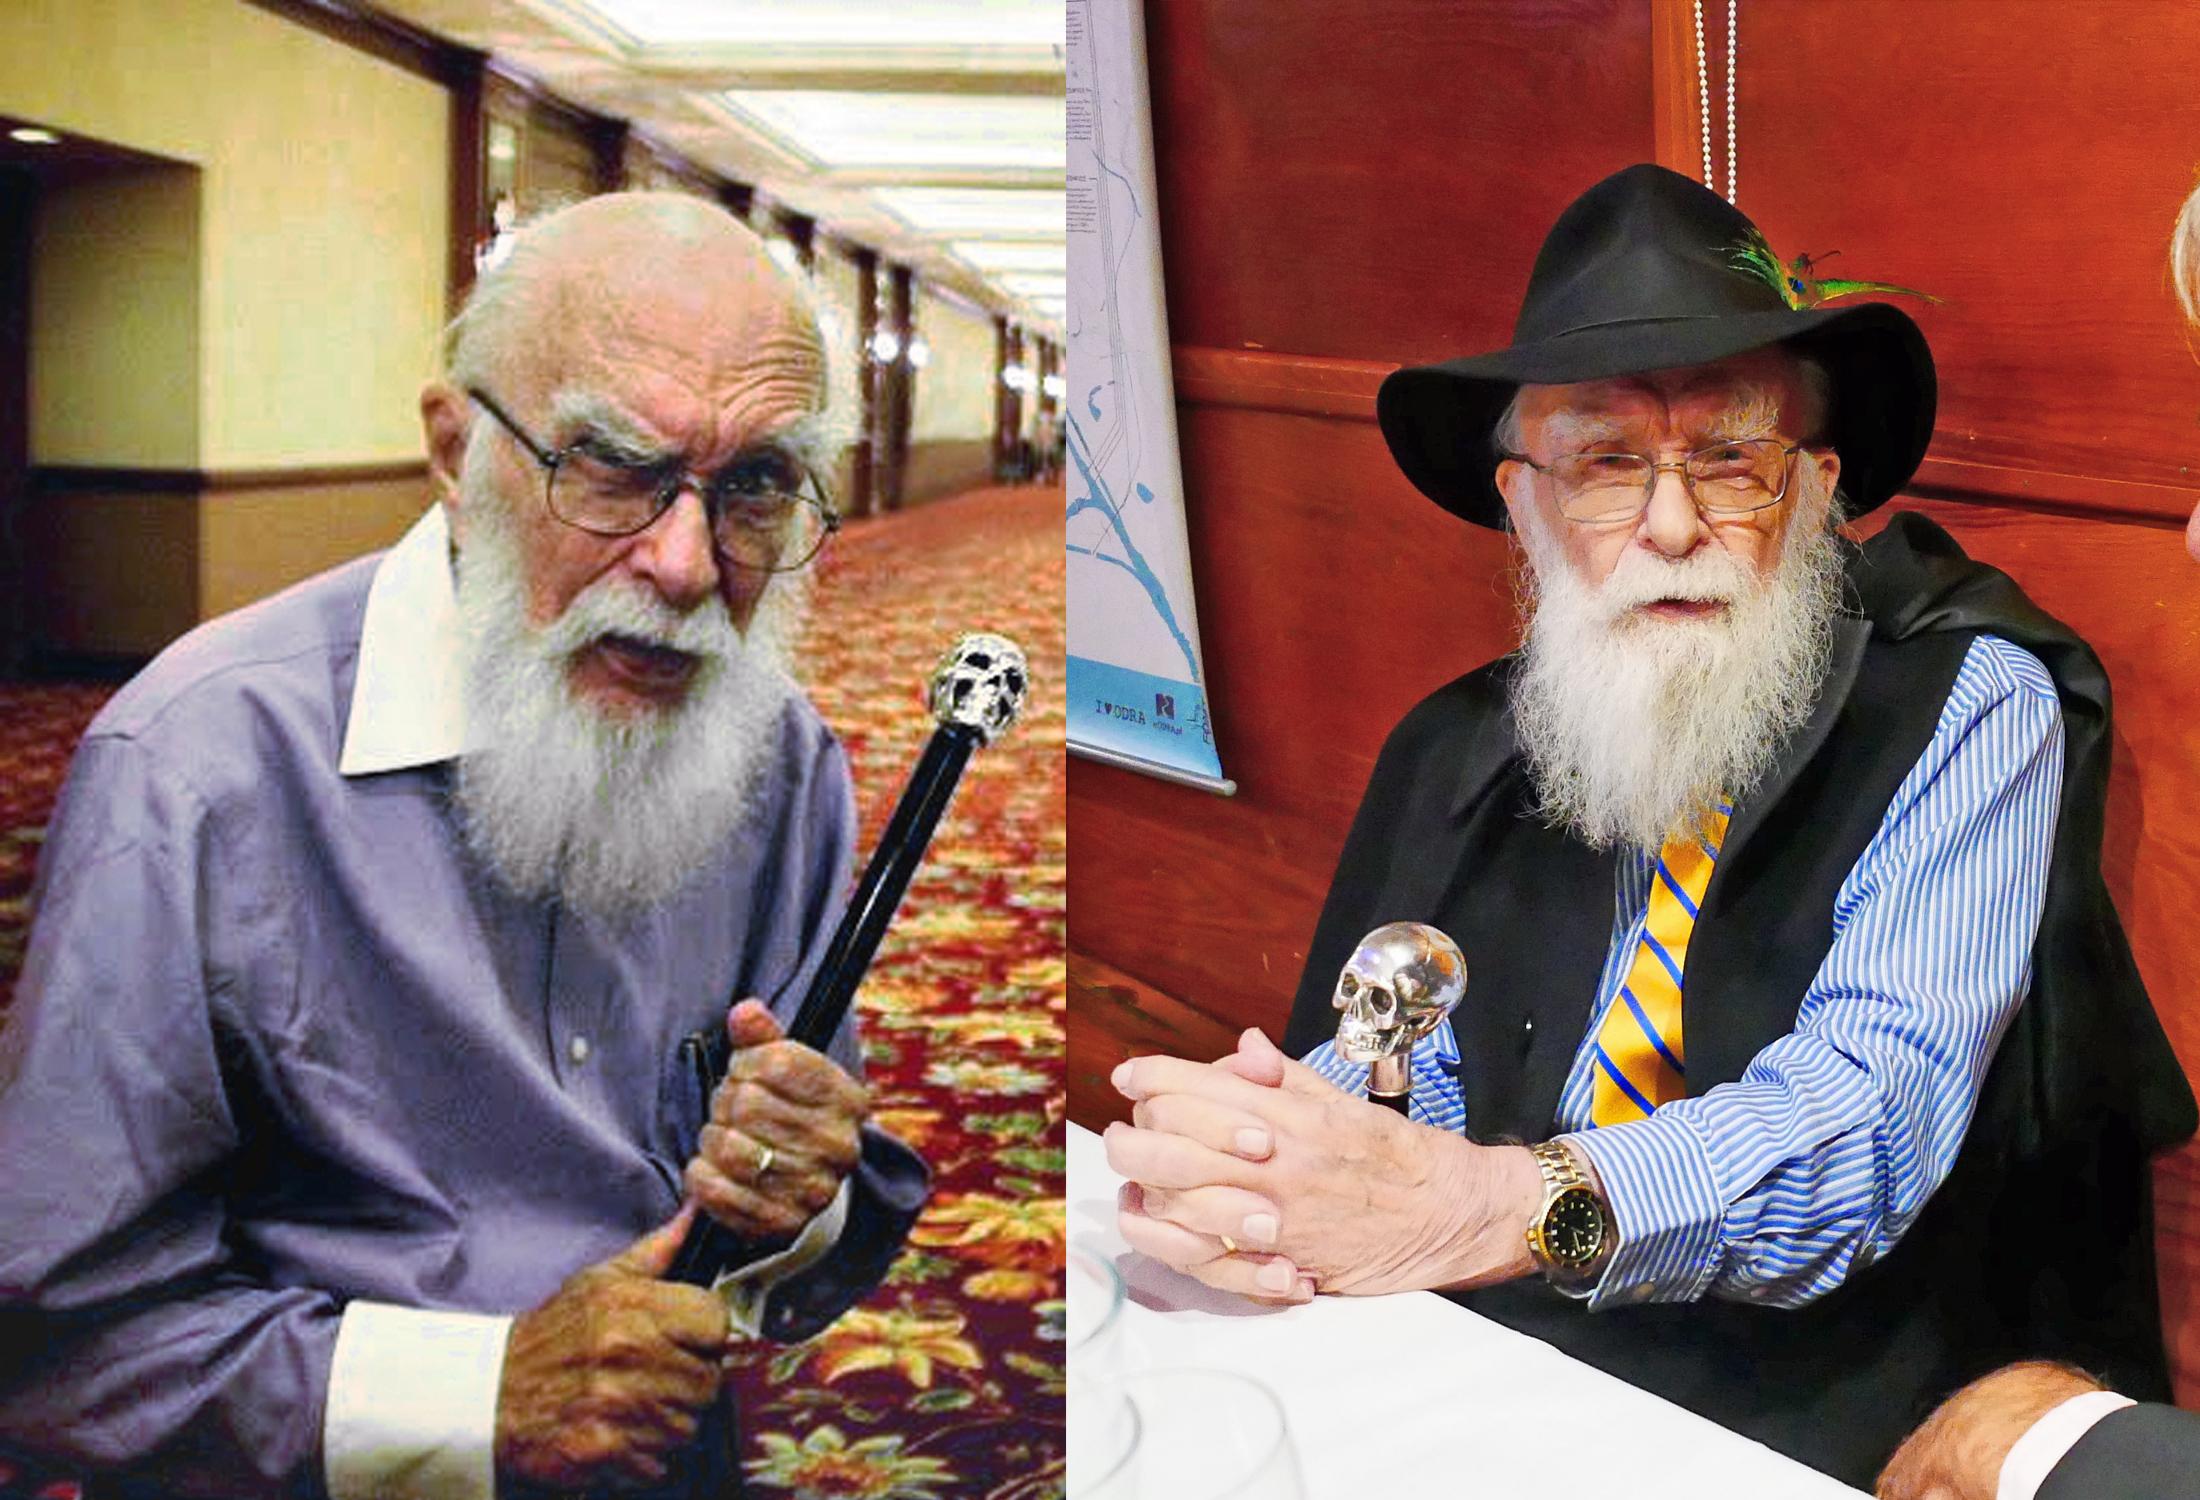 Egymillió dollár egy csodáért– Az elképesztő James Randi, Uri Geller nagy ellenfele